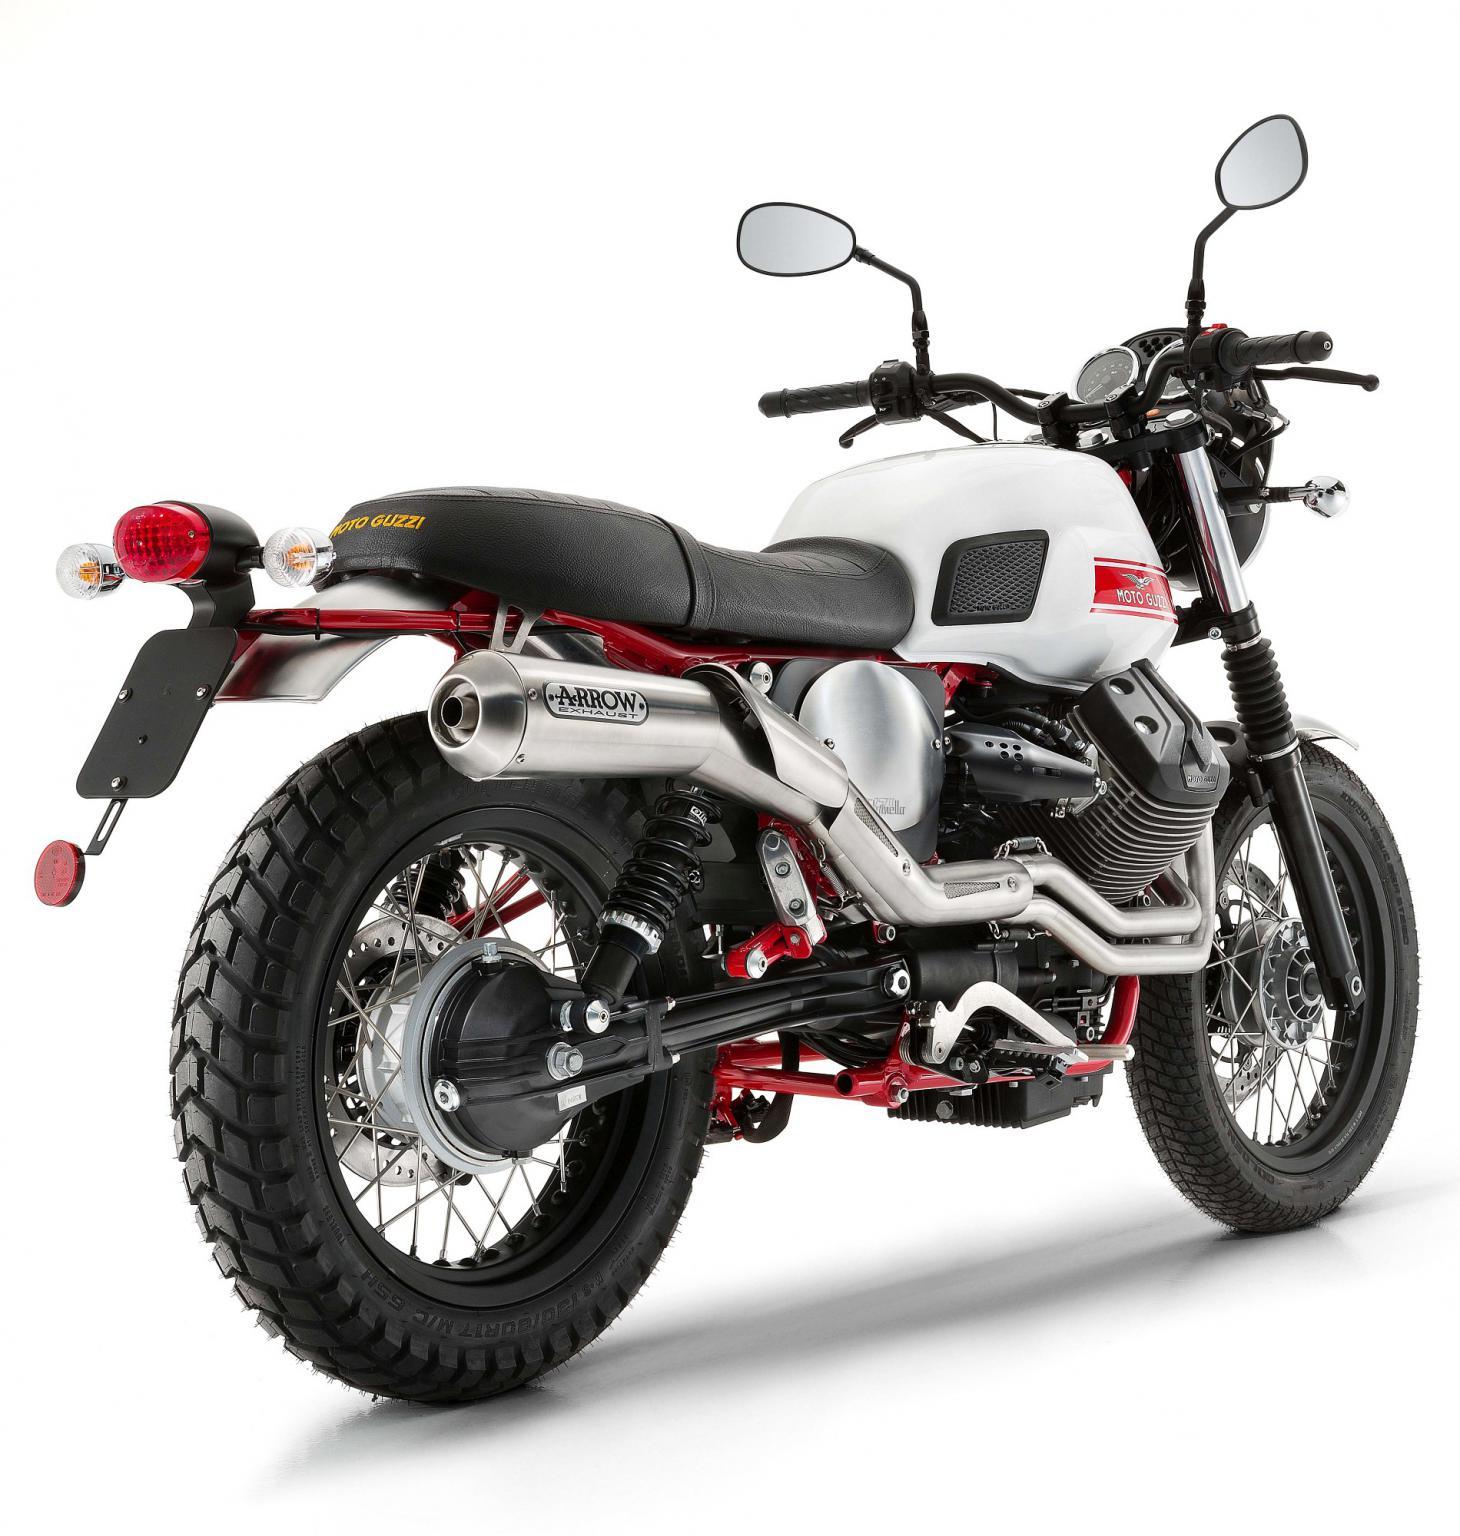 Moto-Guzzi 750 V7 II Stornello 2016 - Fiche moto - Motoplanete